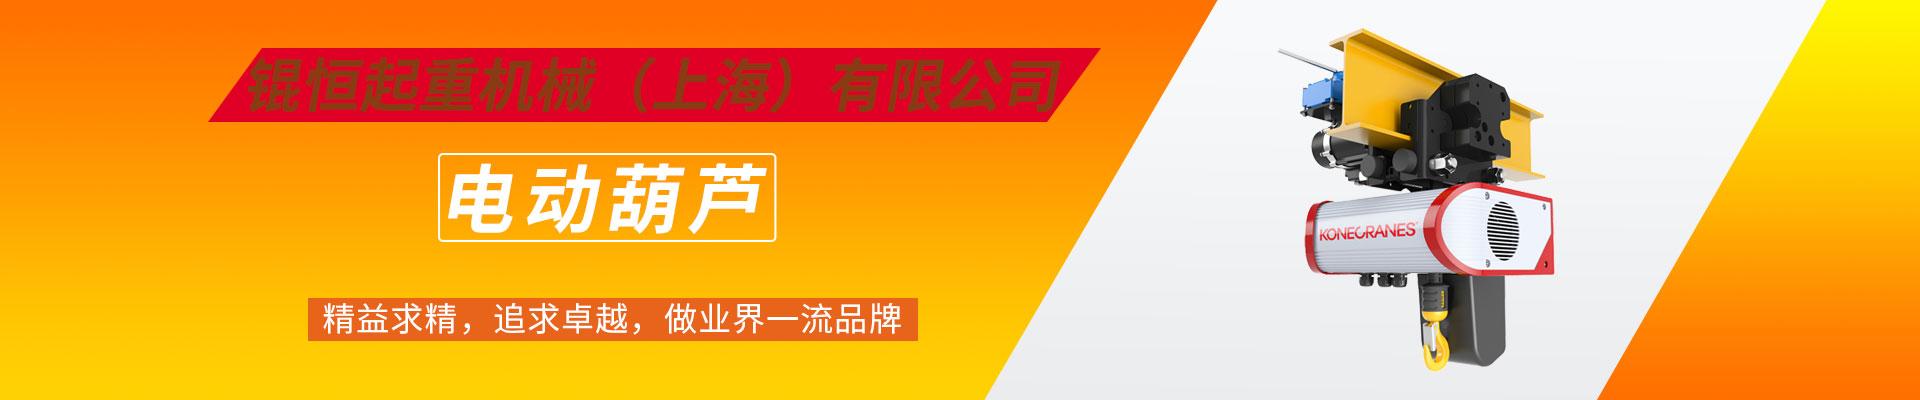 锟恒起重机械(上海)有限公司